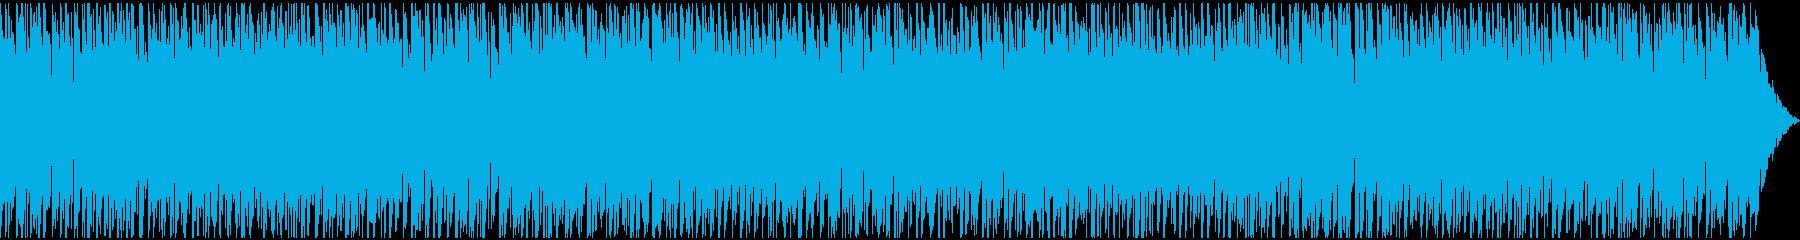 解説系動画のBGMに!ポップEDMハウスの再生済みの波形